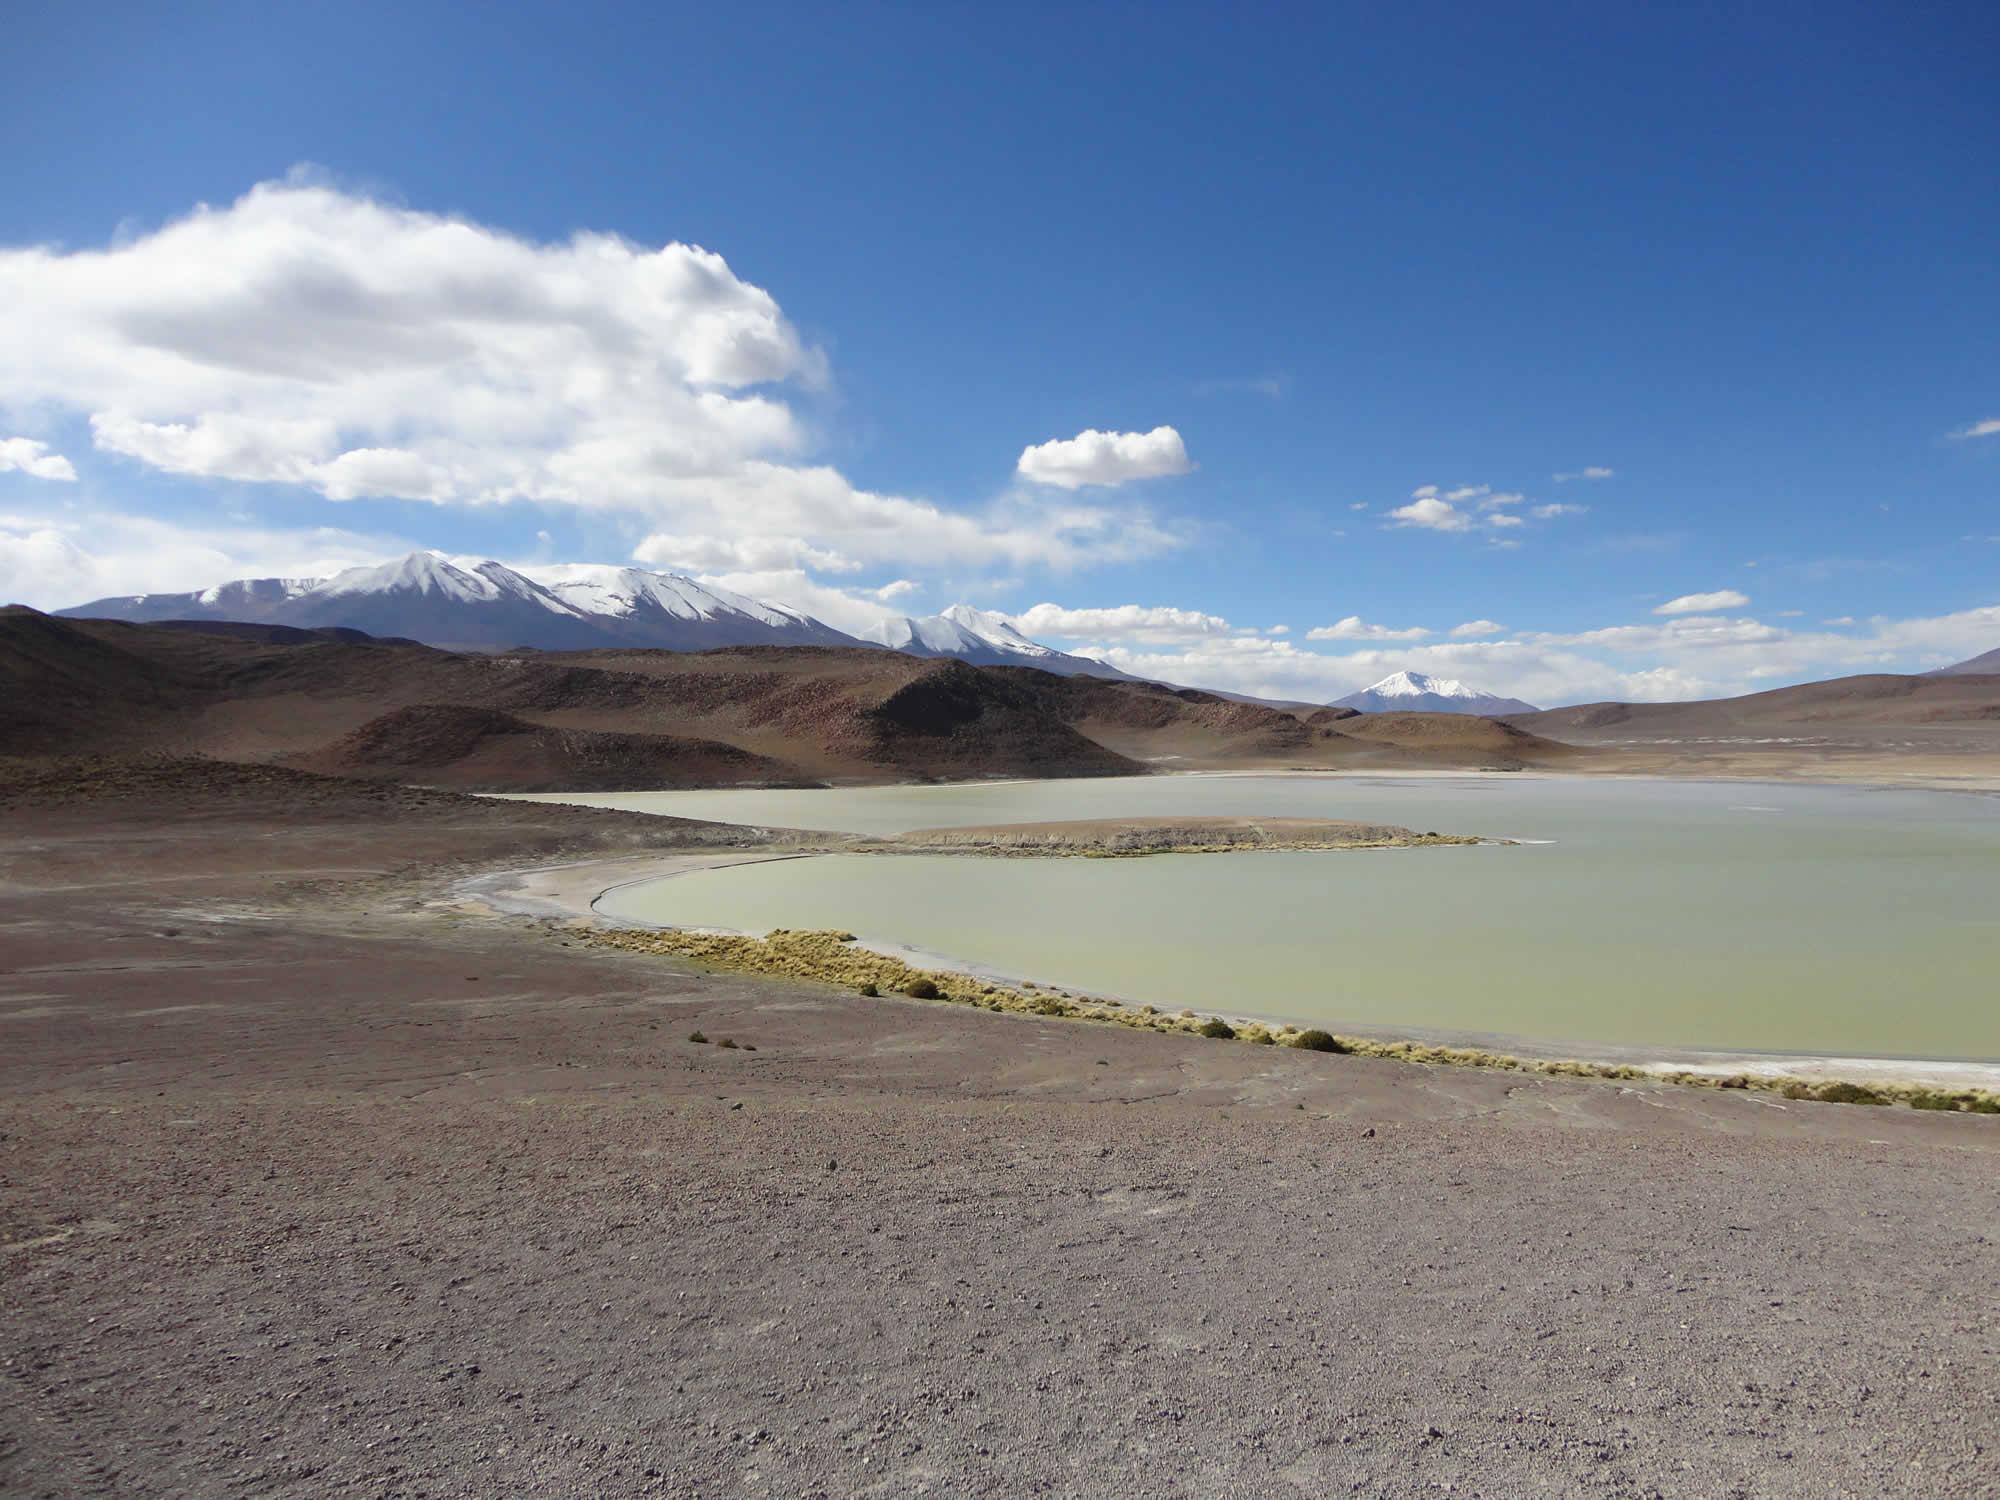 Private Tour La Paz - Uyuni - La Paz, Uyuni